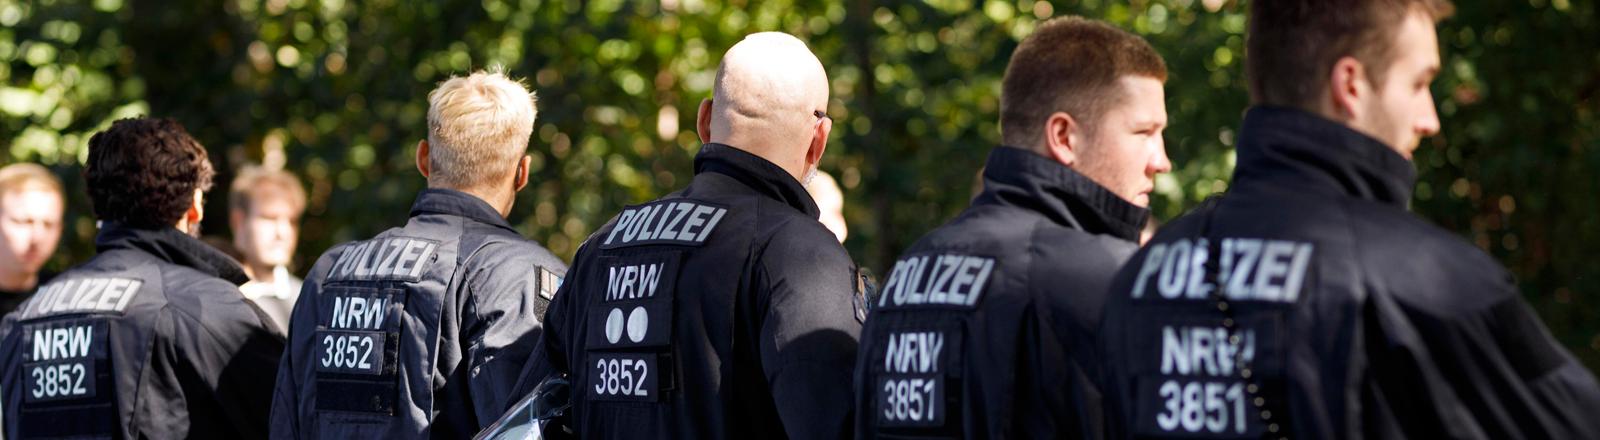 Polizei-Großaufgebot beim Derby 1. FC Köln gegen Borussia Mönchengladbach. Köln, 14.09.2019